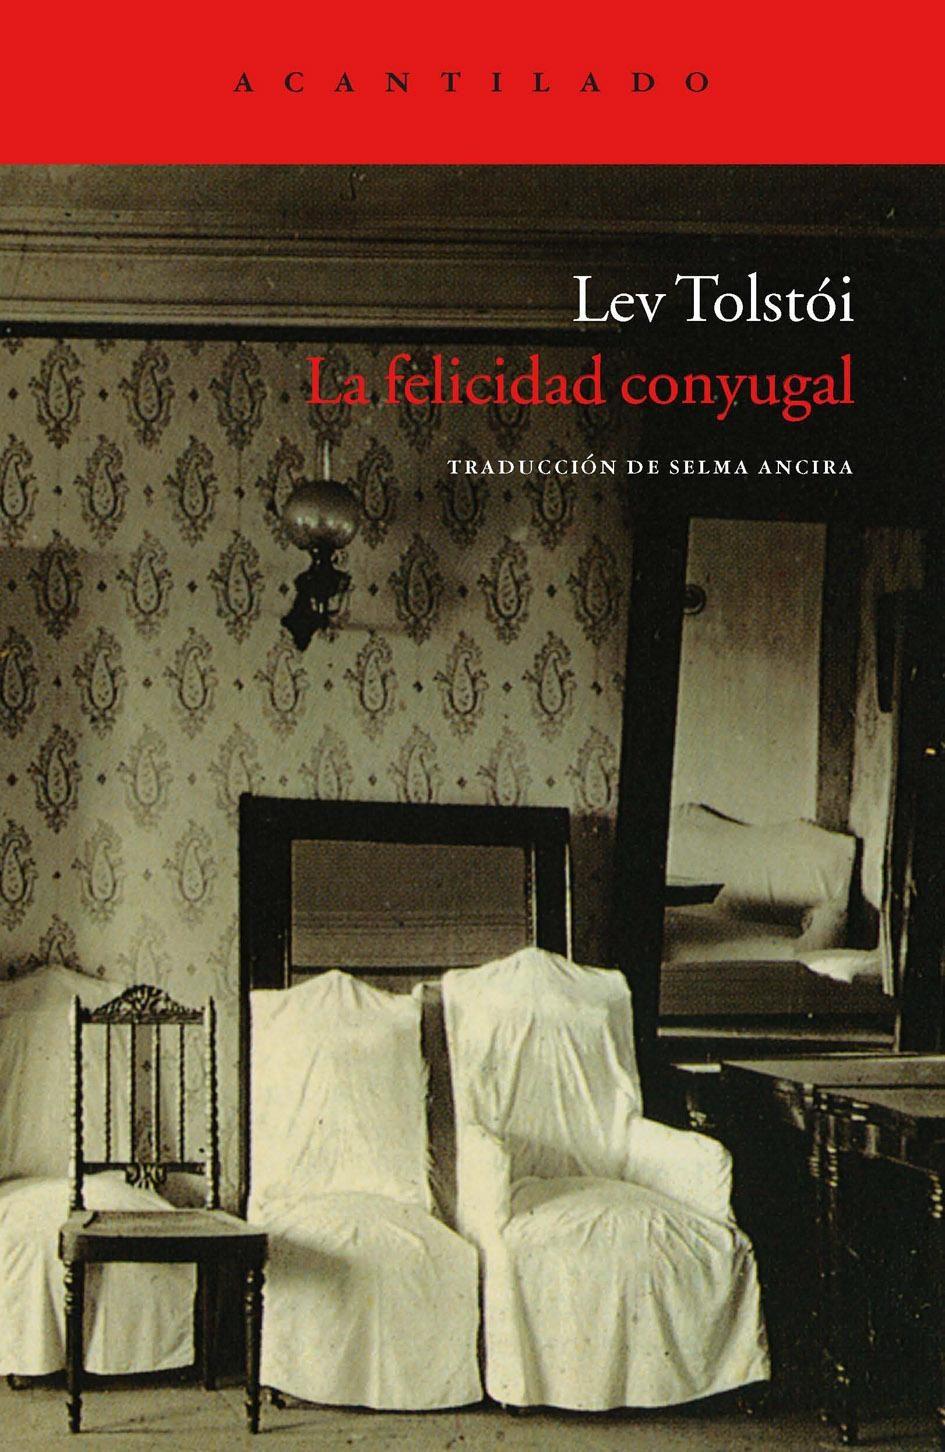 León Tolstoi-34